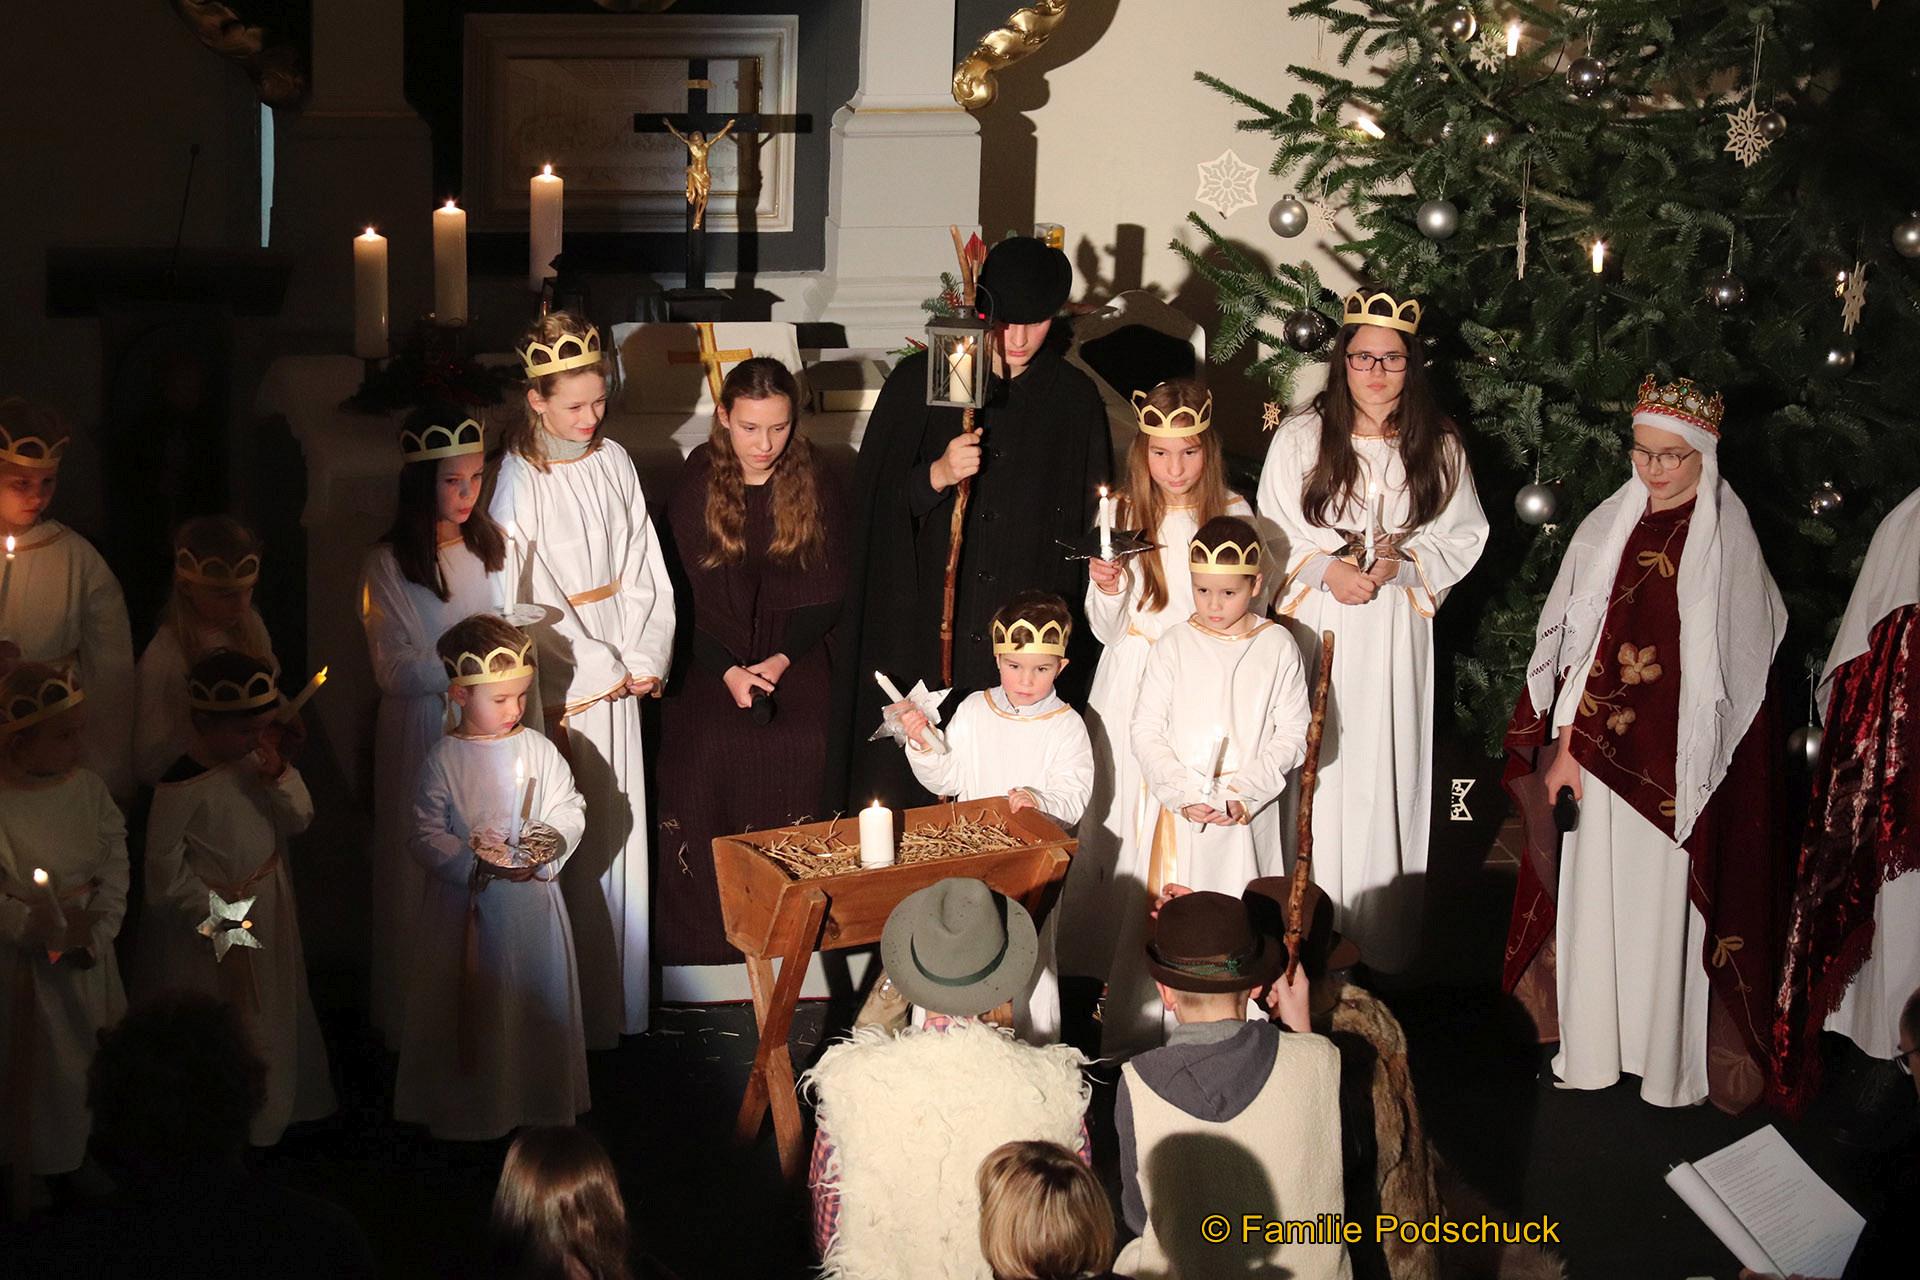 Wie an jedem Heiligabend begeisterten die Kinder in der Caselwitzer Kirche im Rahmen von zwei Gottesdiensten die große Besucherschar. Das Krippenspiel ist diese Mal unter der Regie von Christian Mende und der jungen Gemeinde entstanden.